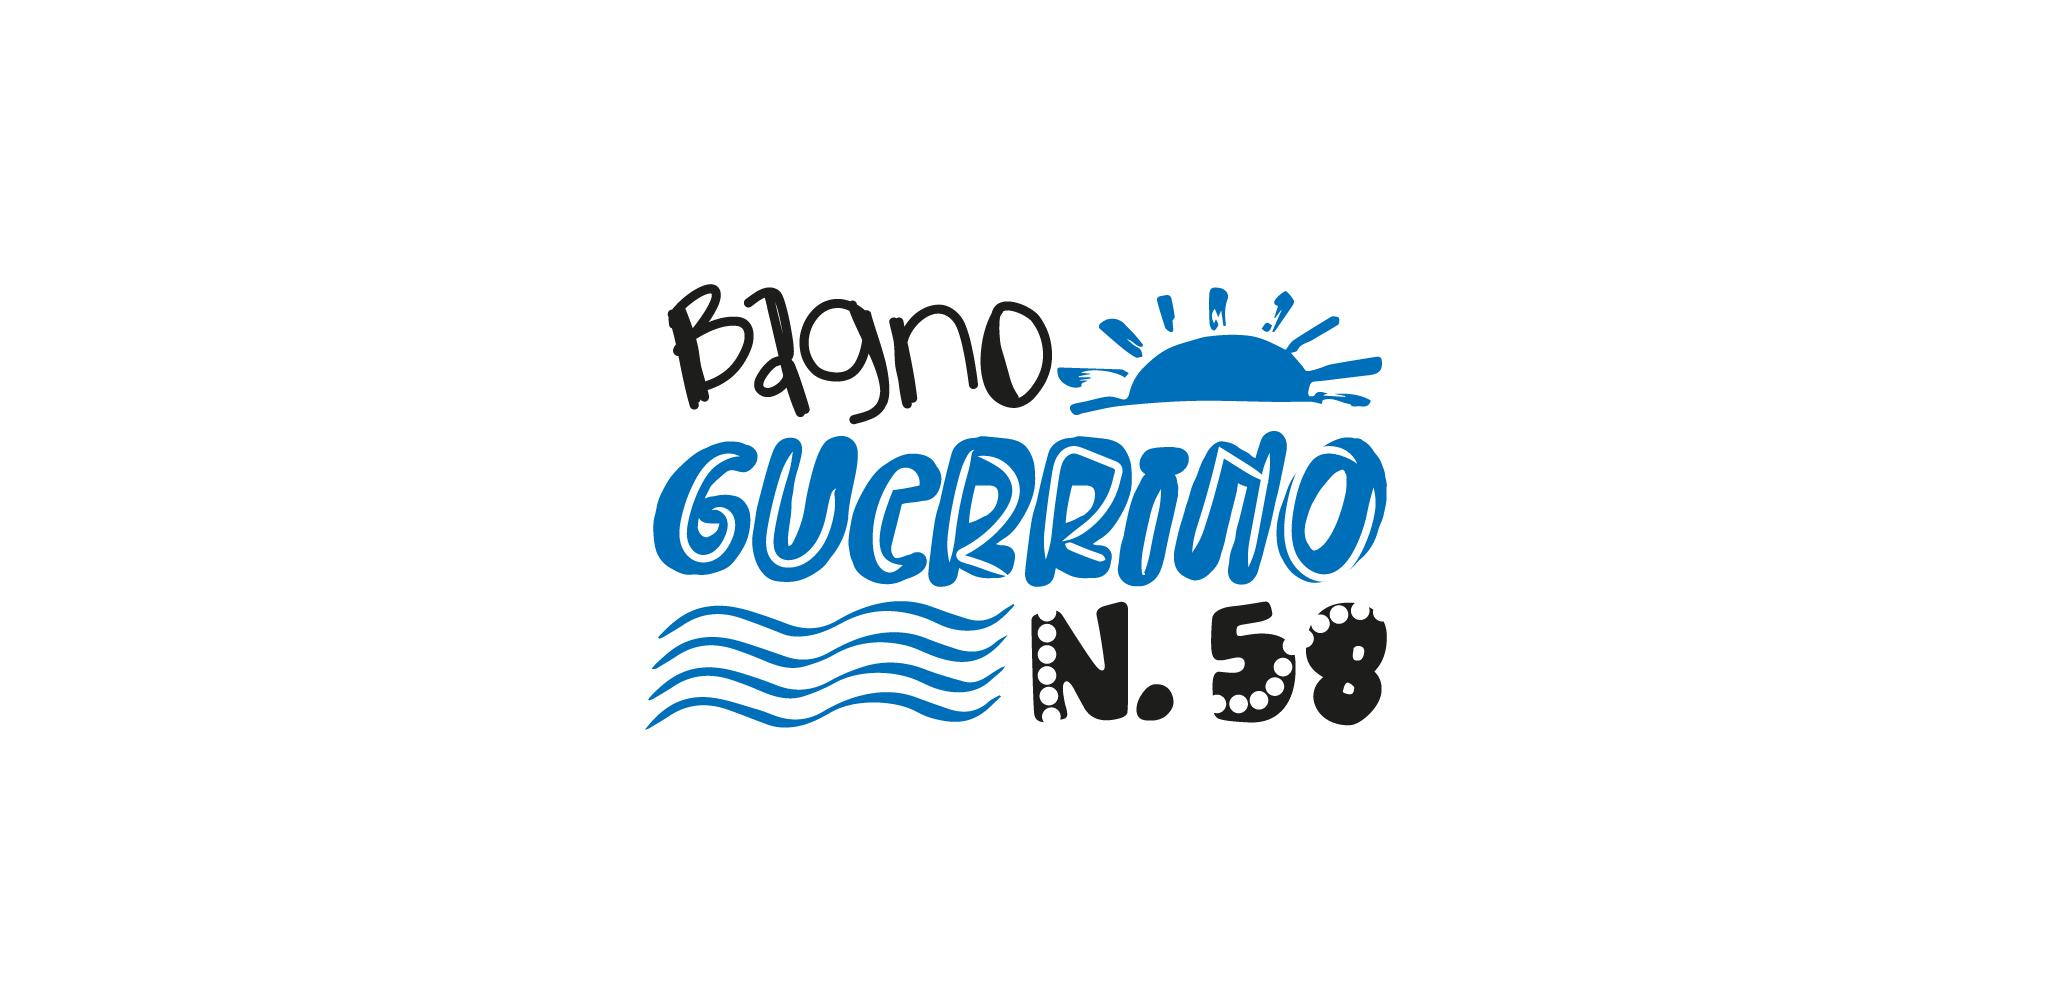 Bagno Guerrino 58